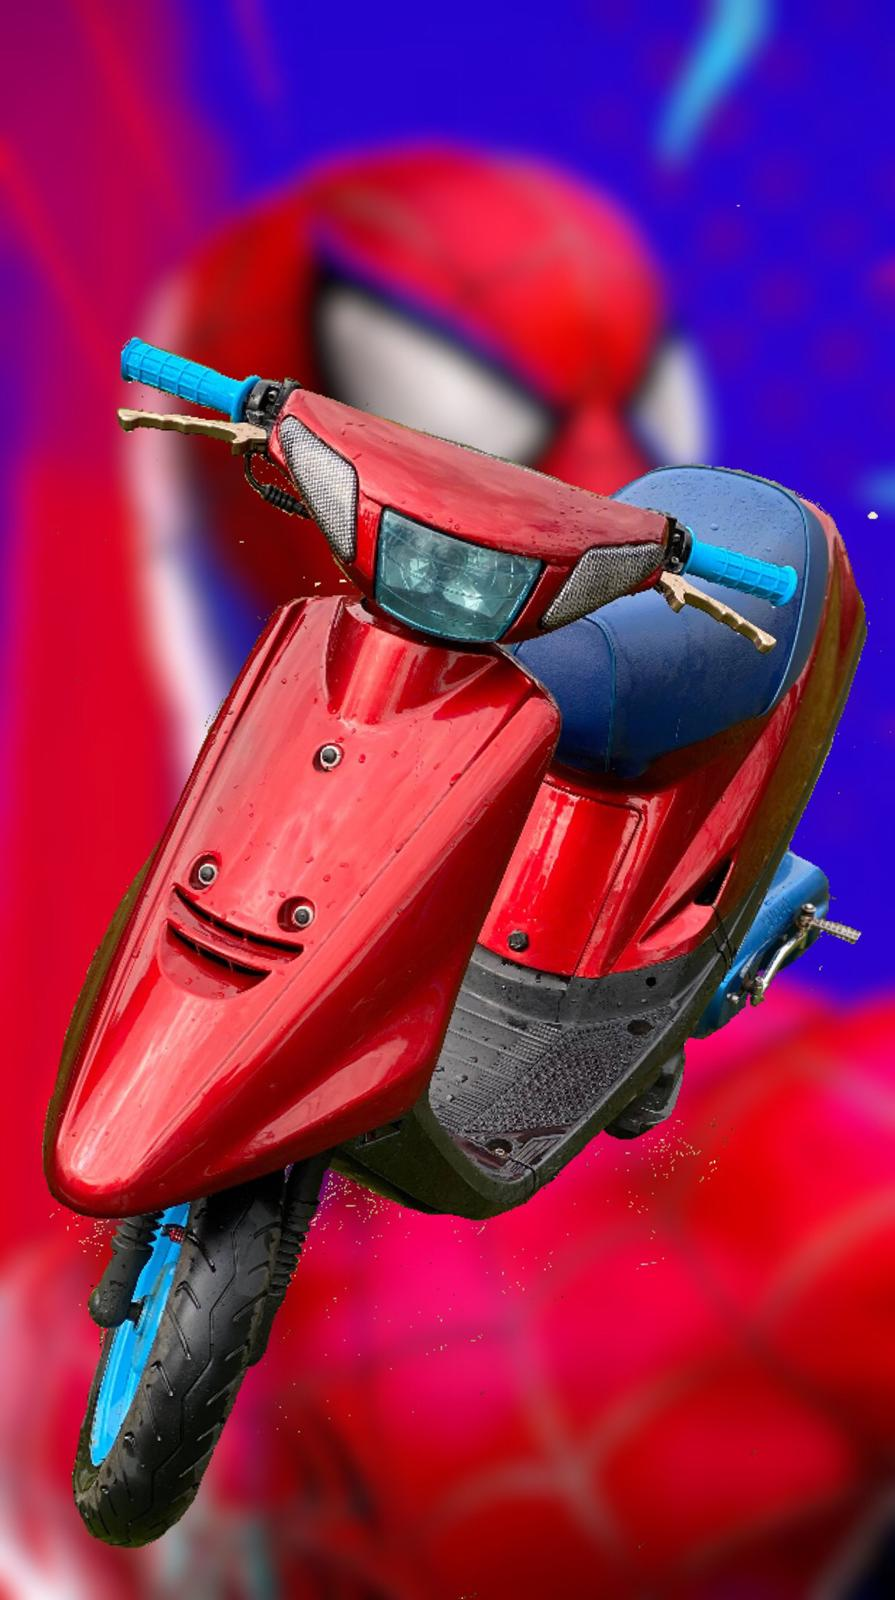 Yamaha Jog AS billede 1